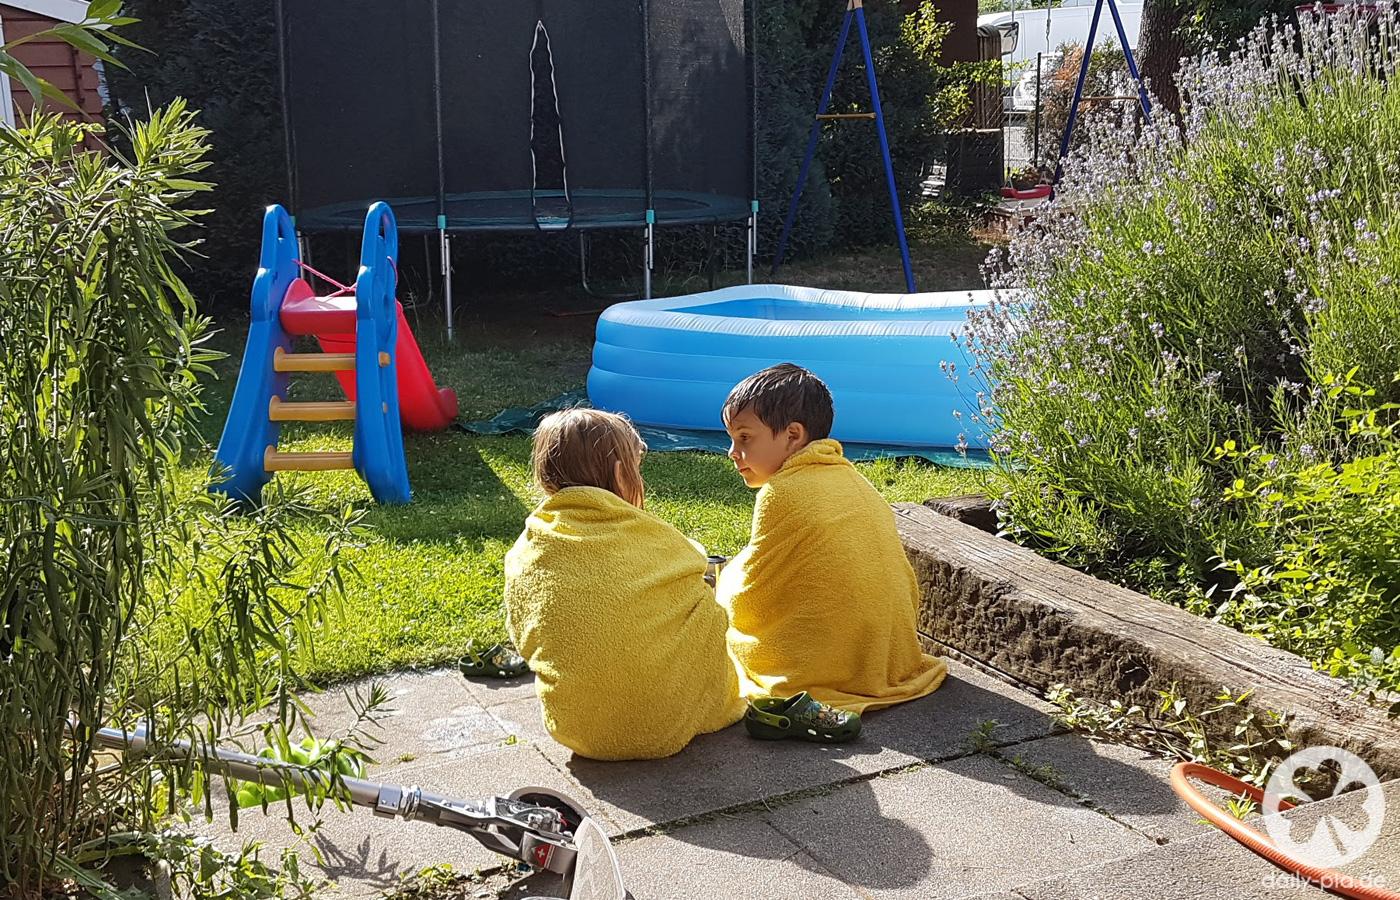 lieblings planschen spiele für kinder